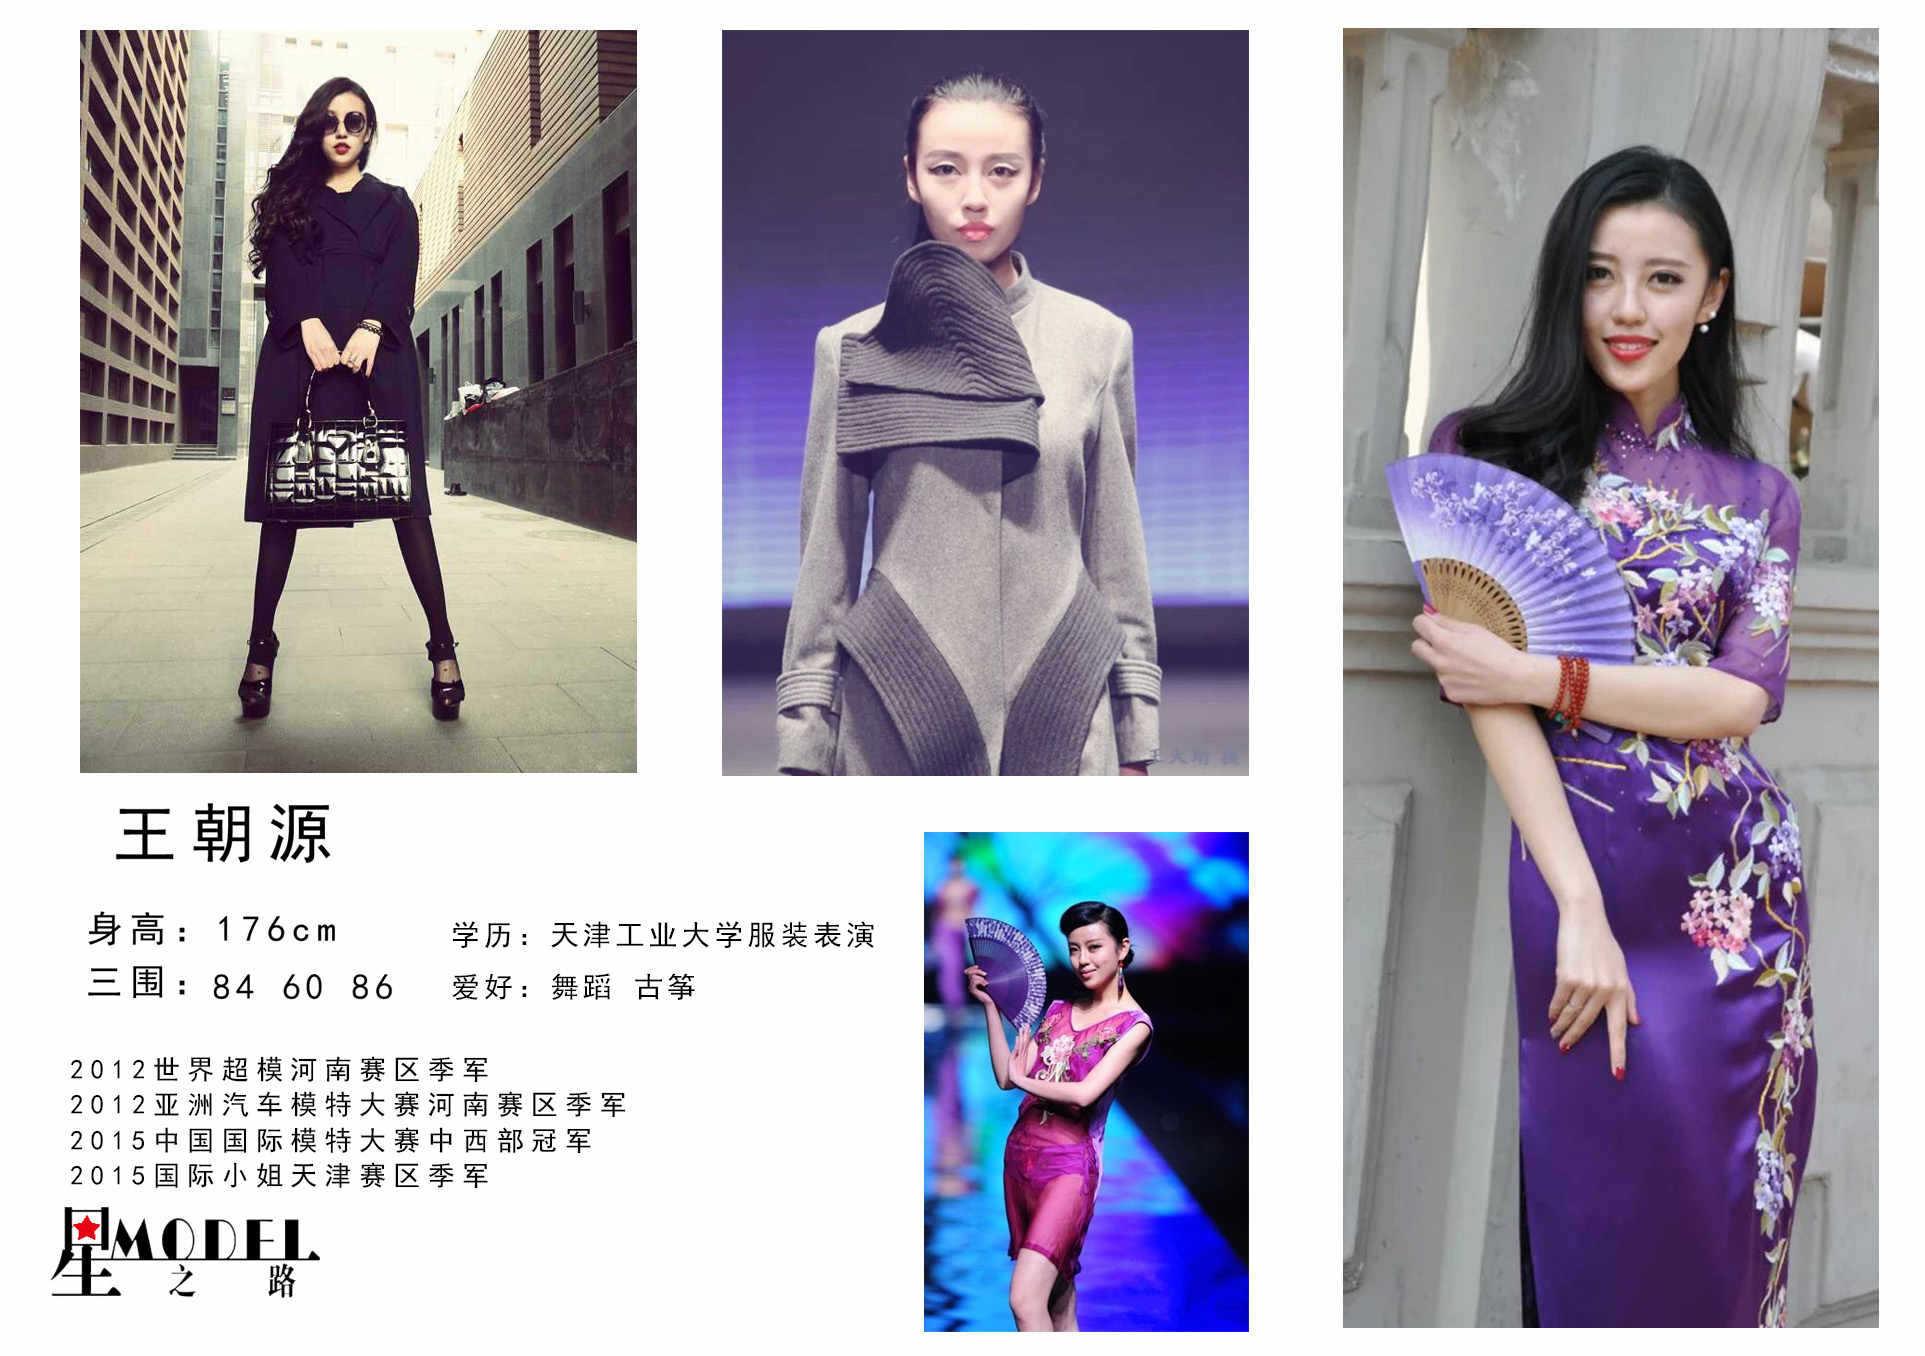 这些要求的内容就是模特所必需具备的展示服装能力.